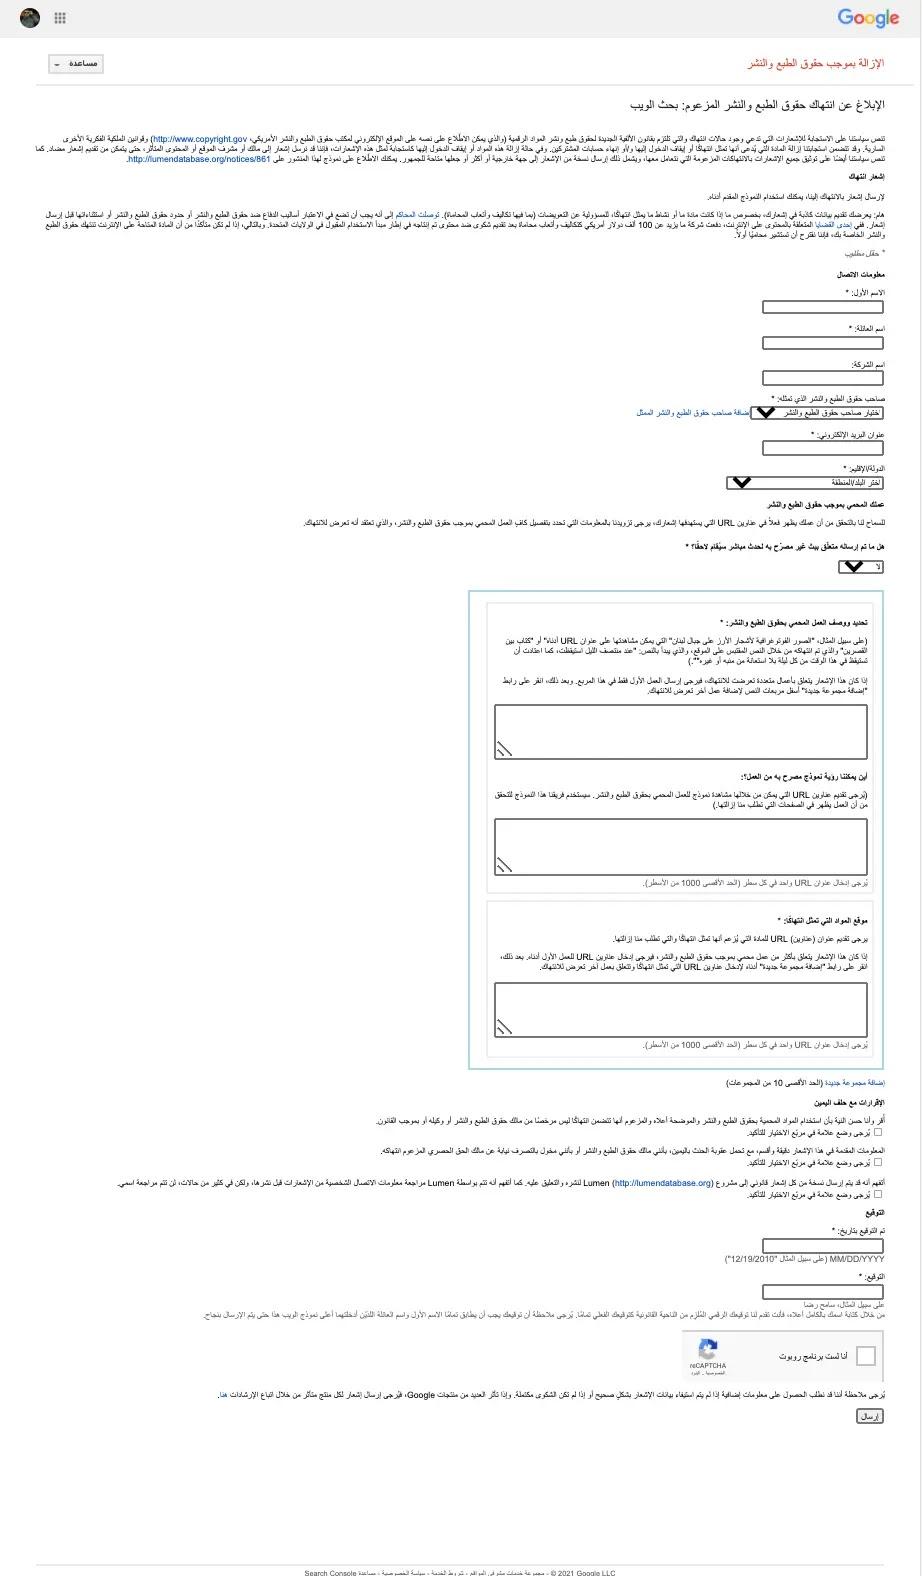 لقطة شاشة لنموذج الإبلاغ عن انتهاك حقوق الطّبع والنّشر للمحتوى الكتابي